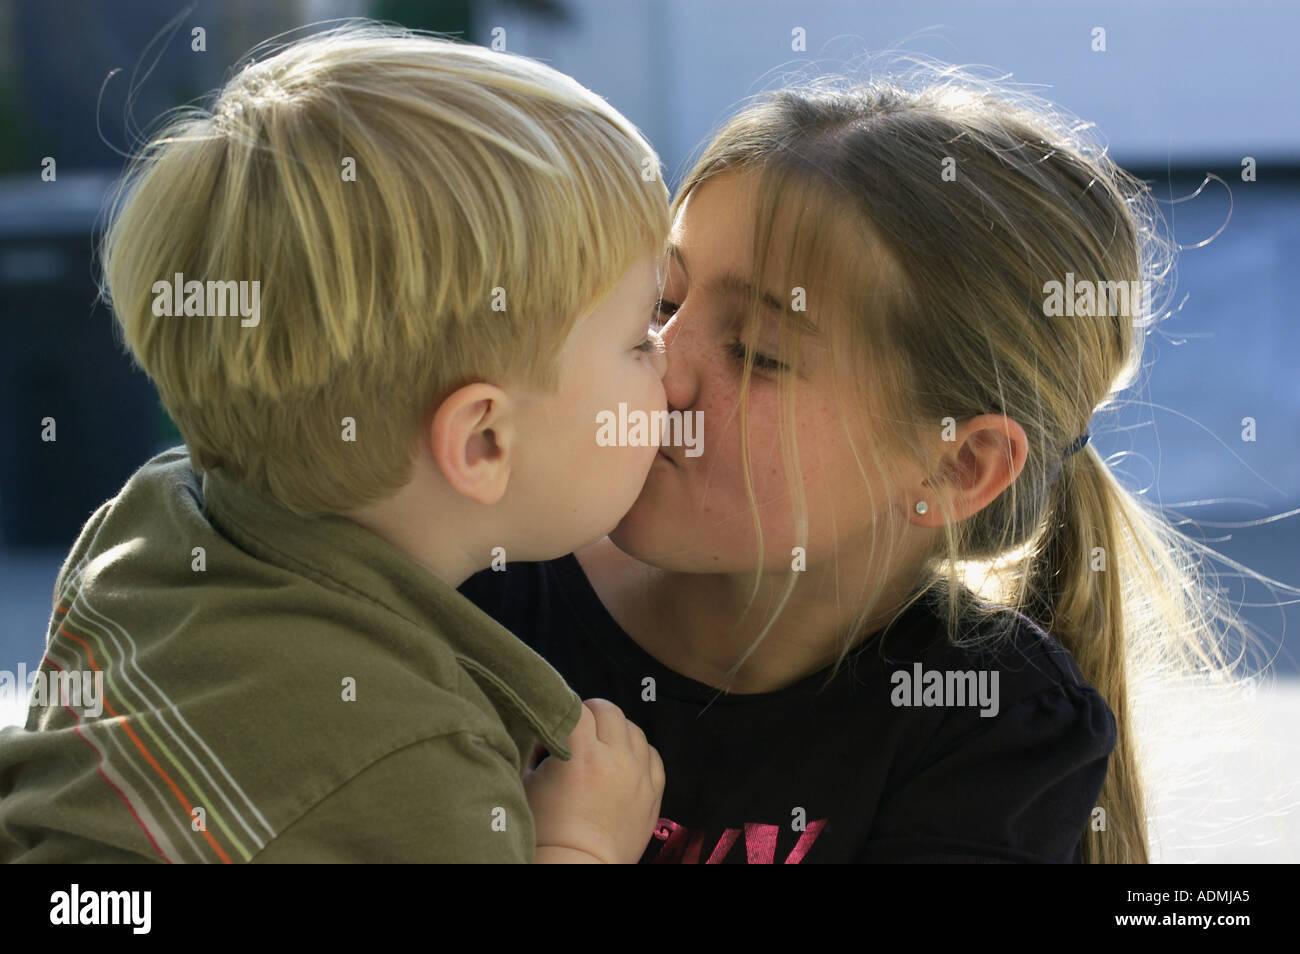 Русское брат кончил в сестру, Брат зашёл к сестре))) смотреть онлайн видео брат 4 фотография